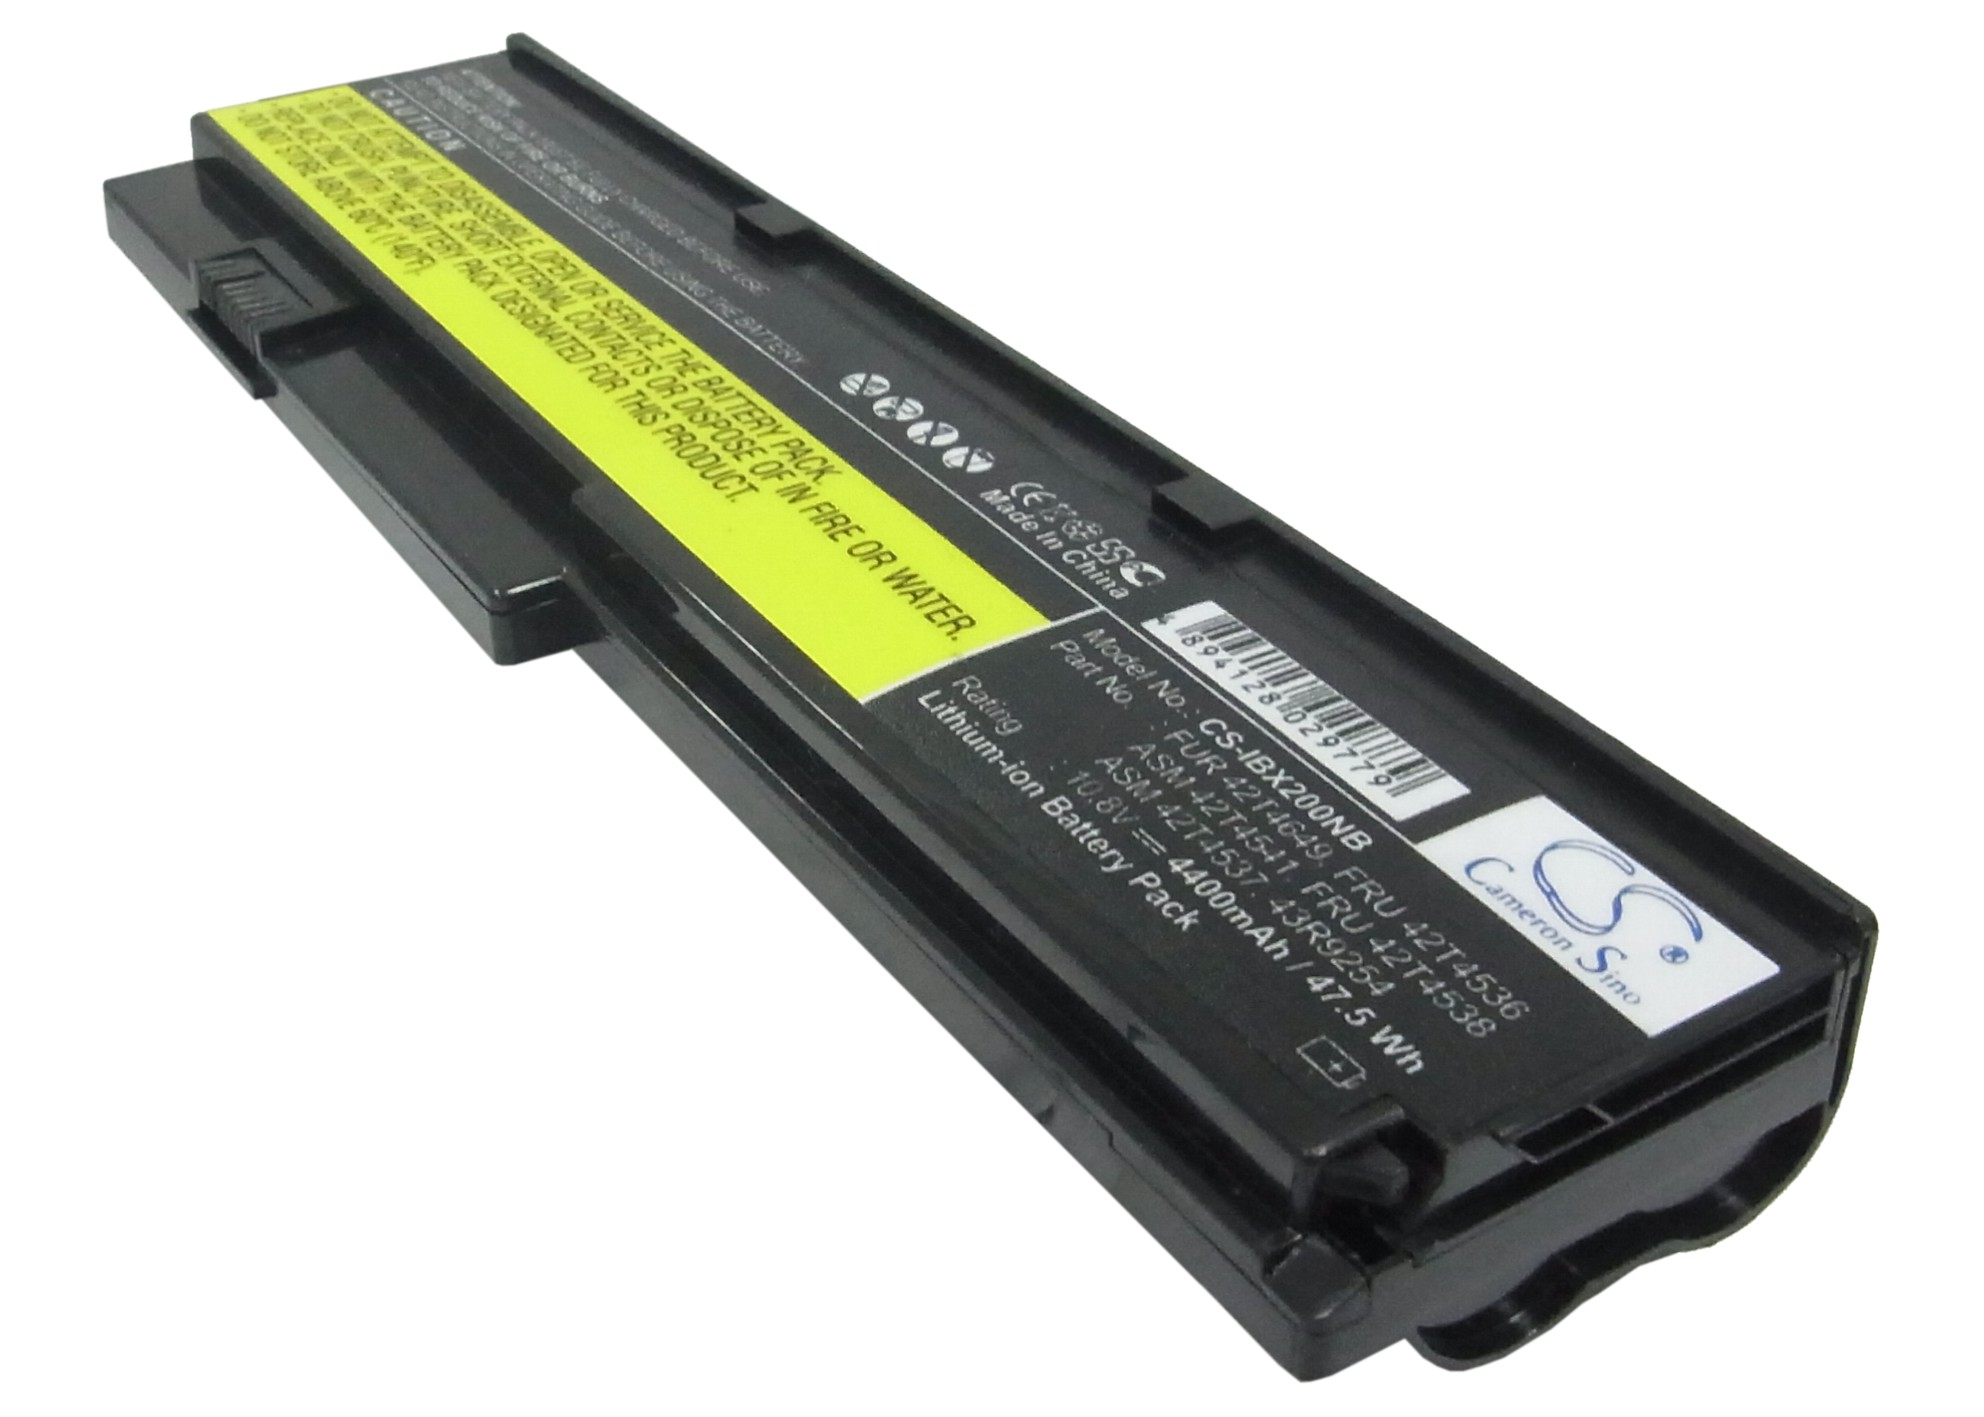 Cameron Sino baterie do notebooků pro LENOVO ThinkPad X201i 10.8V Li-ion 4400mAh černá - neoriginální